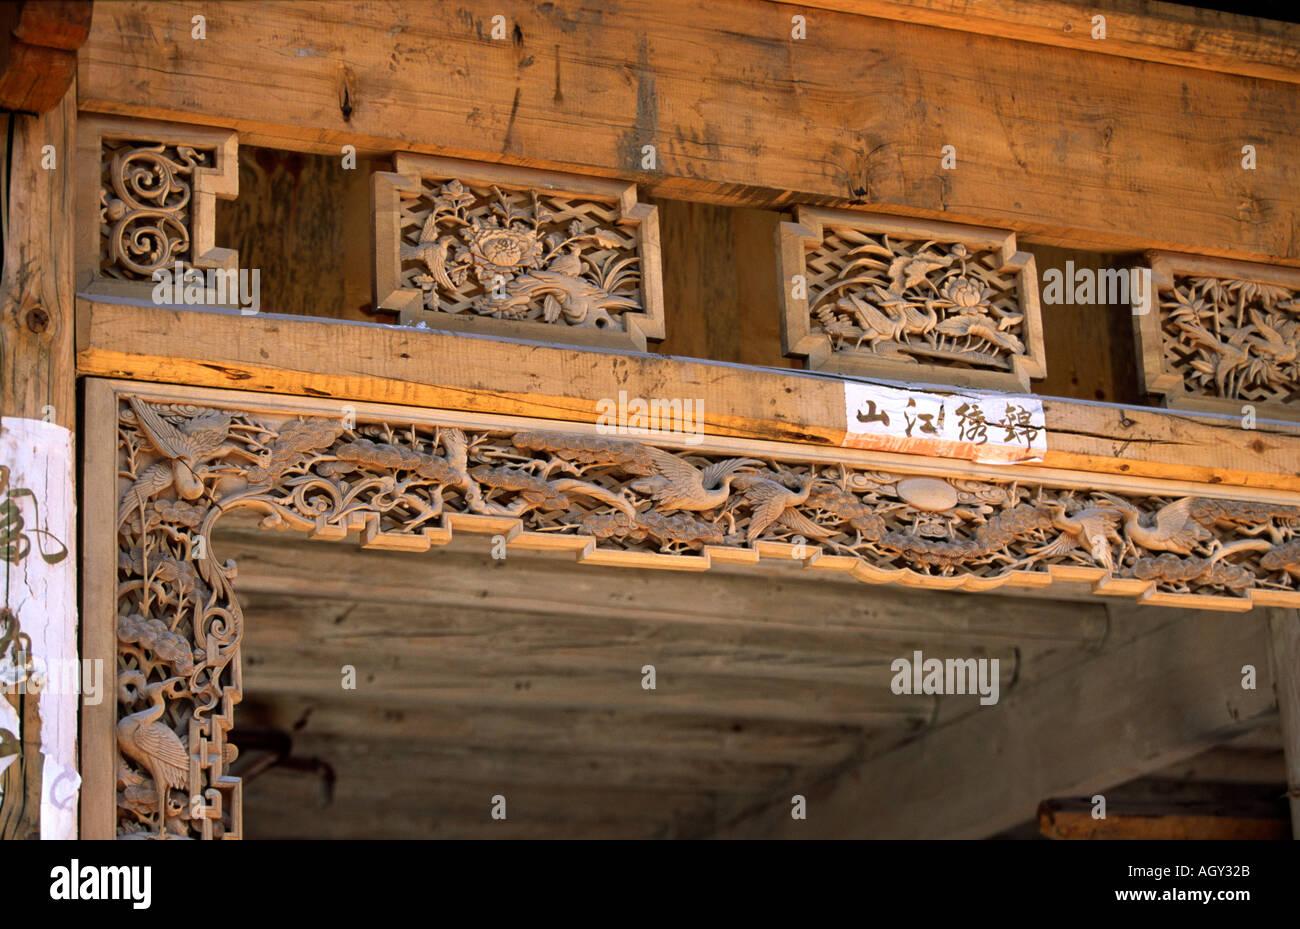 China Yunnan Lijiang Handwerk geschnitzte hölzerne Tür Rahmen ...